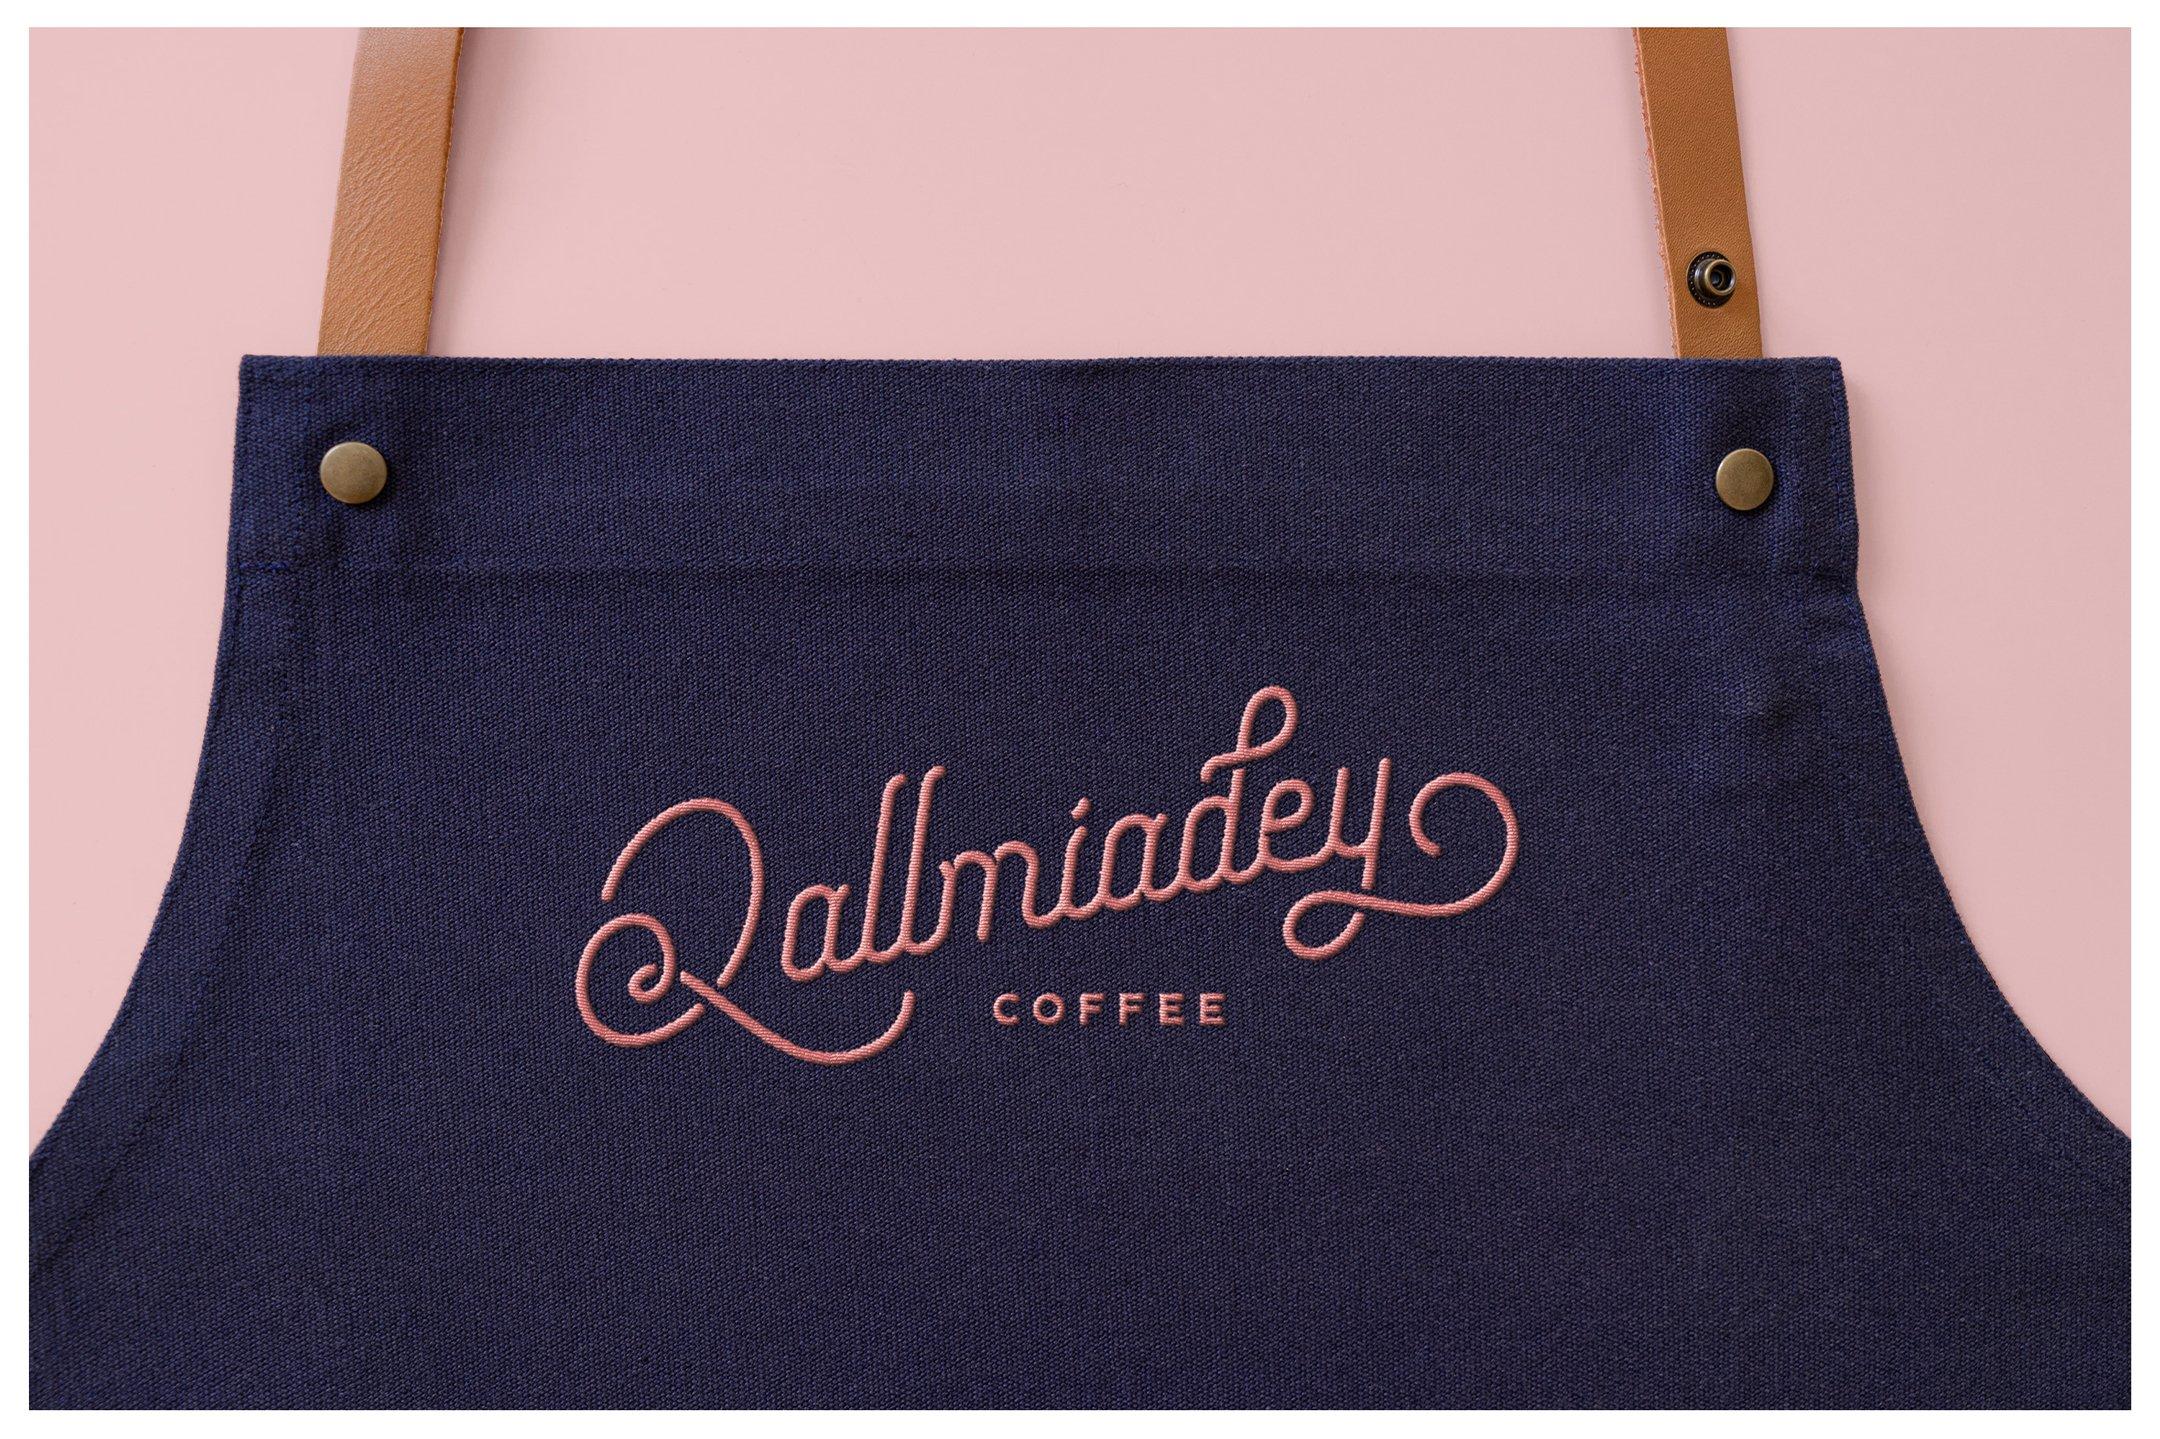 高质量纹理状织物牛仔裤胶合板围裙补丁刺绣生成PSD样机模板(4332)插图(6)